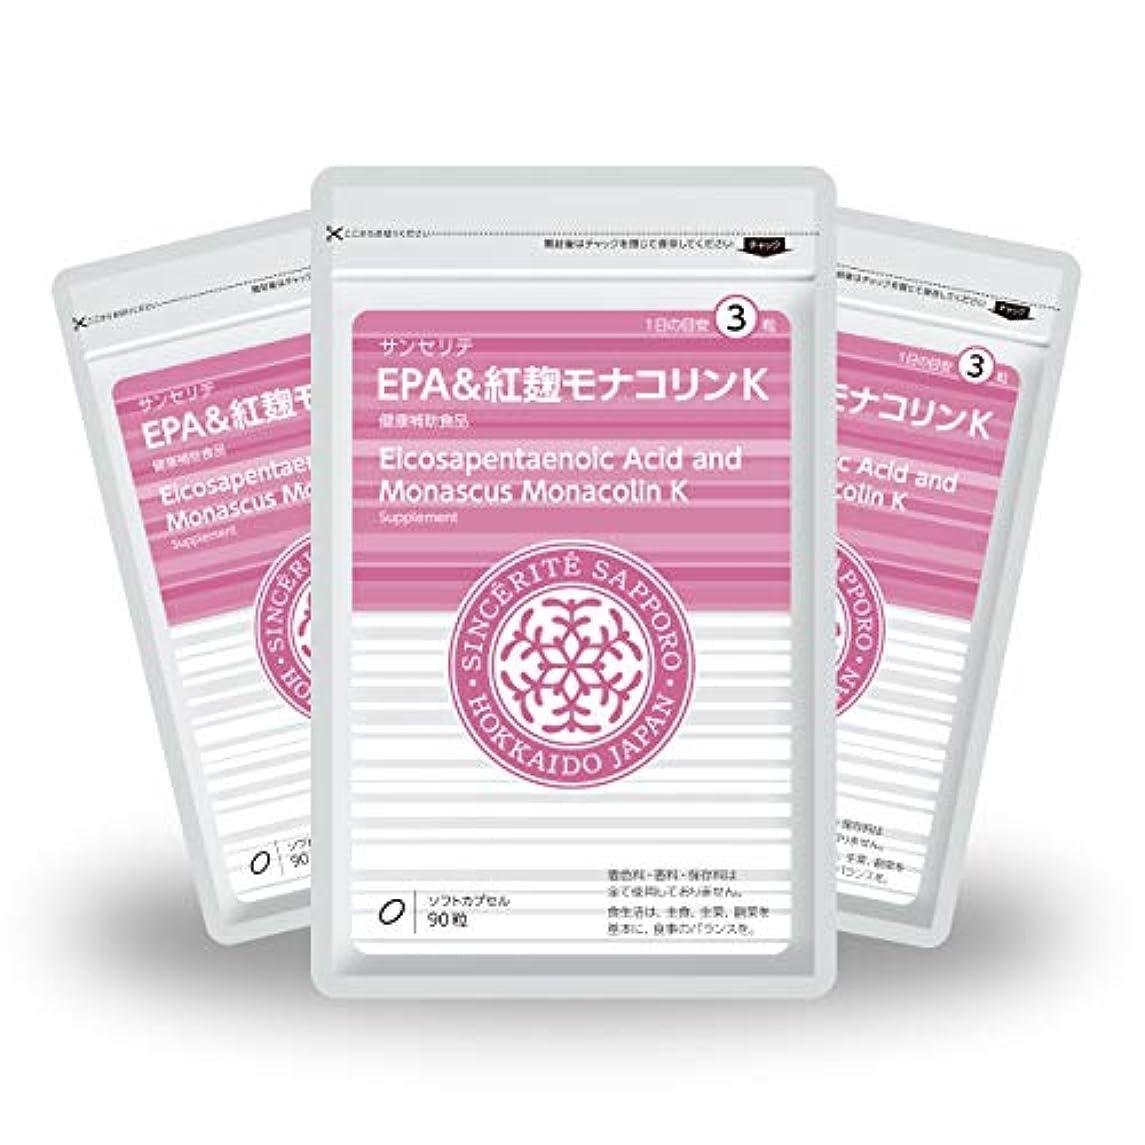 感染するコジオスコ目的EPA&紅麹モナコリンK 3袋セット[送料無料][EPA]200mg配合[国内製造]お得な★90日分